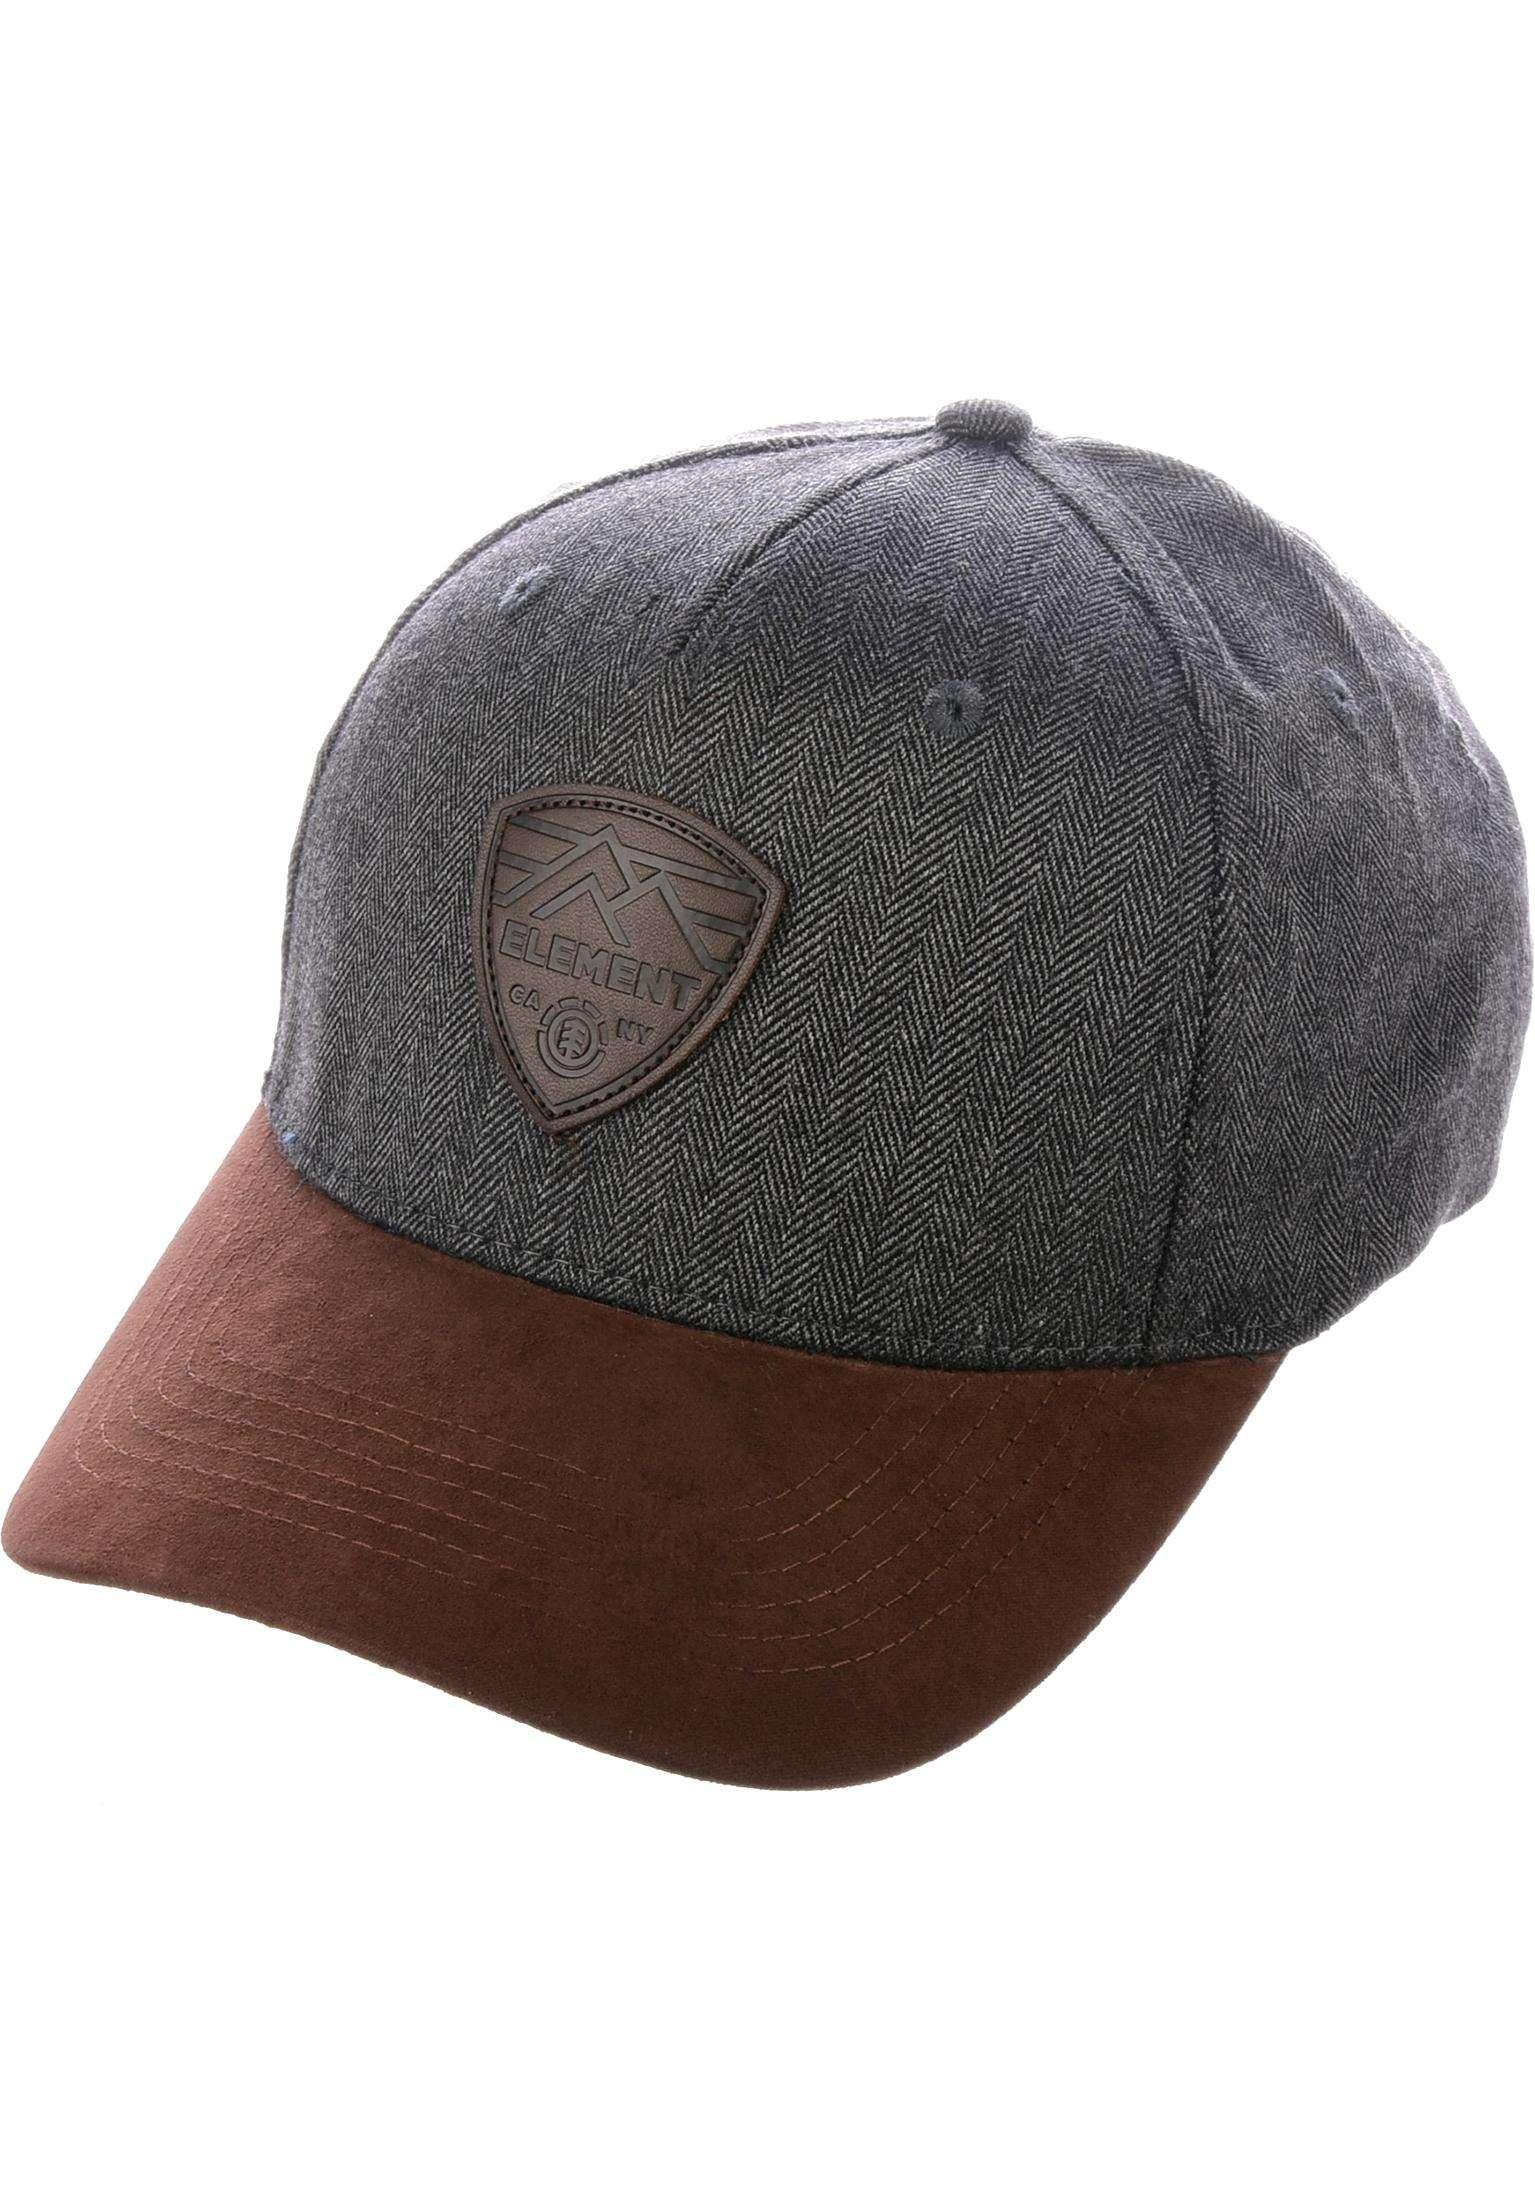 360c28228e3 Camp III Element Caps in offblack for Men